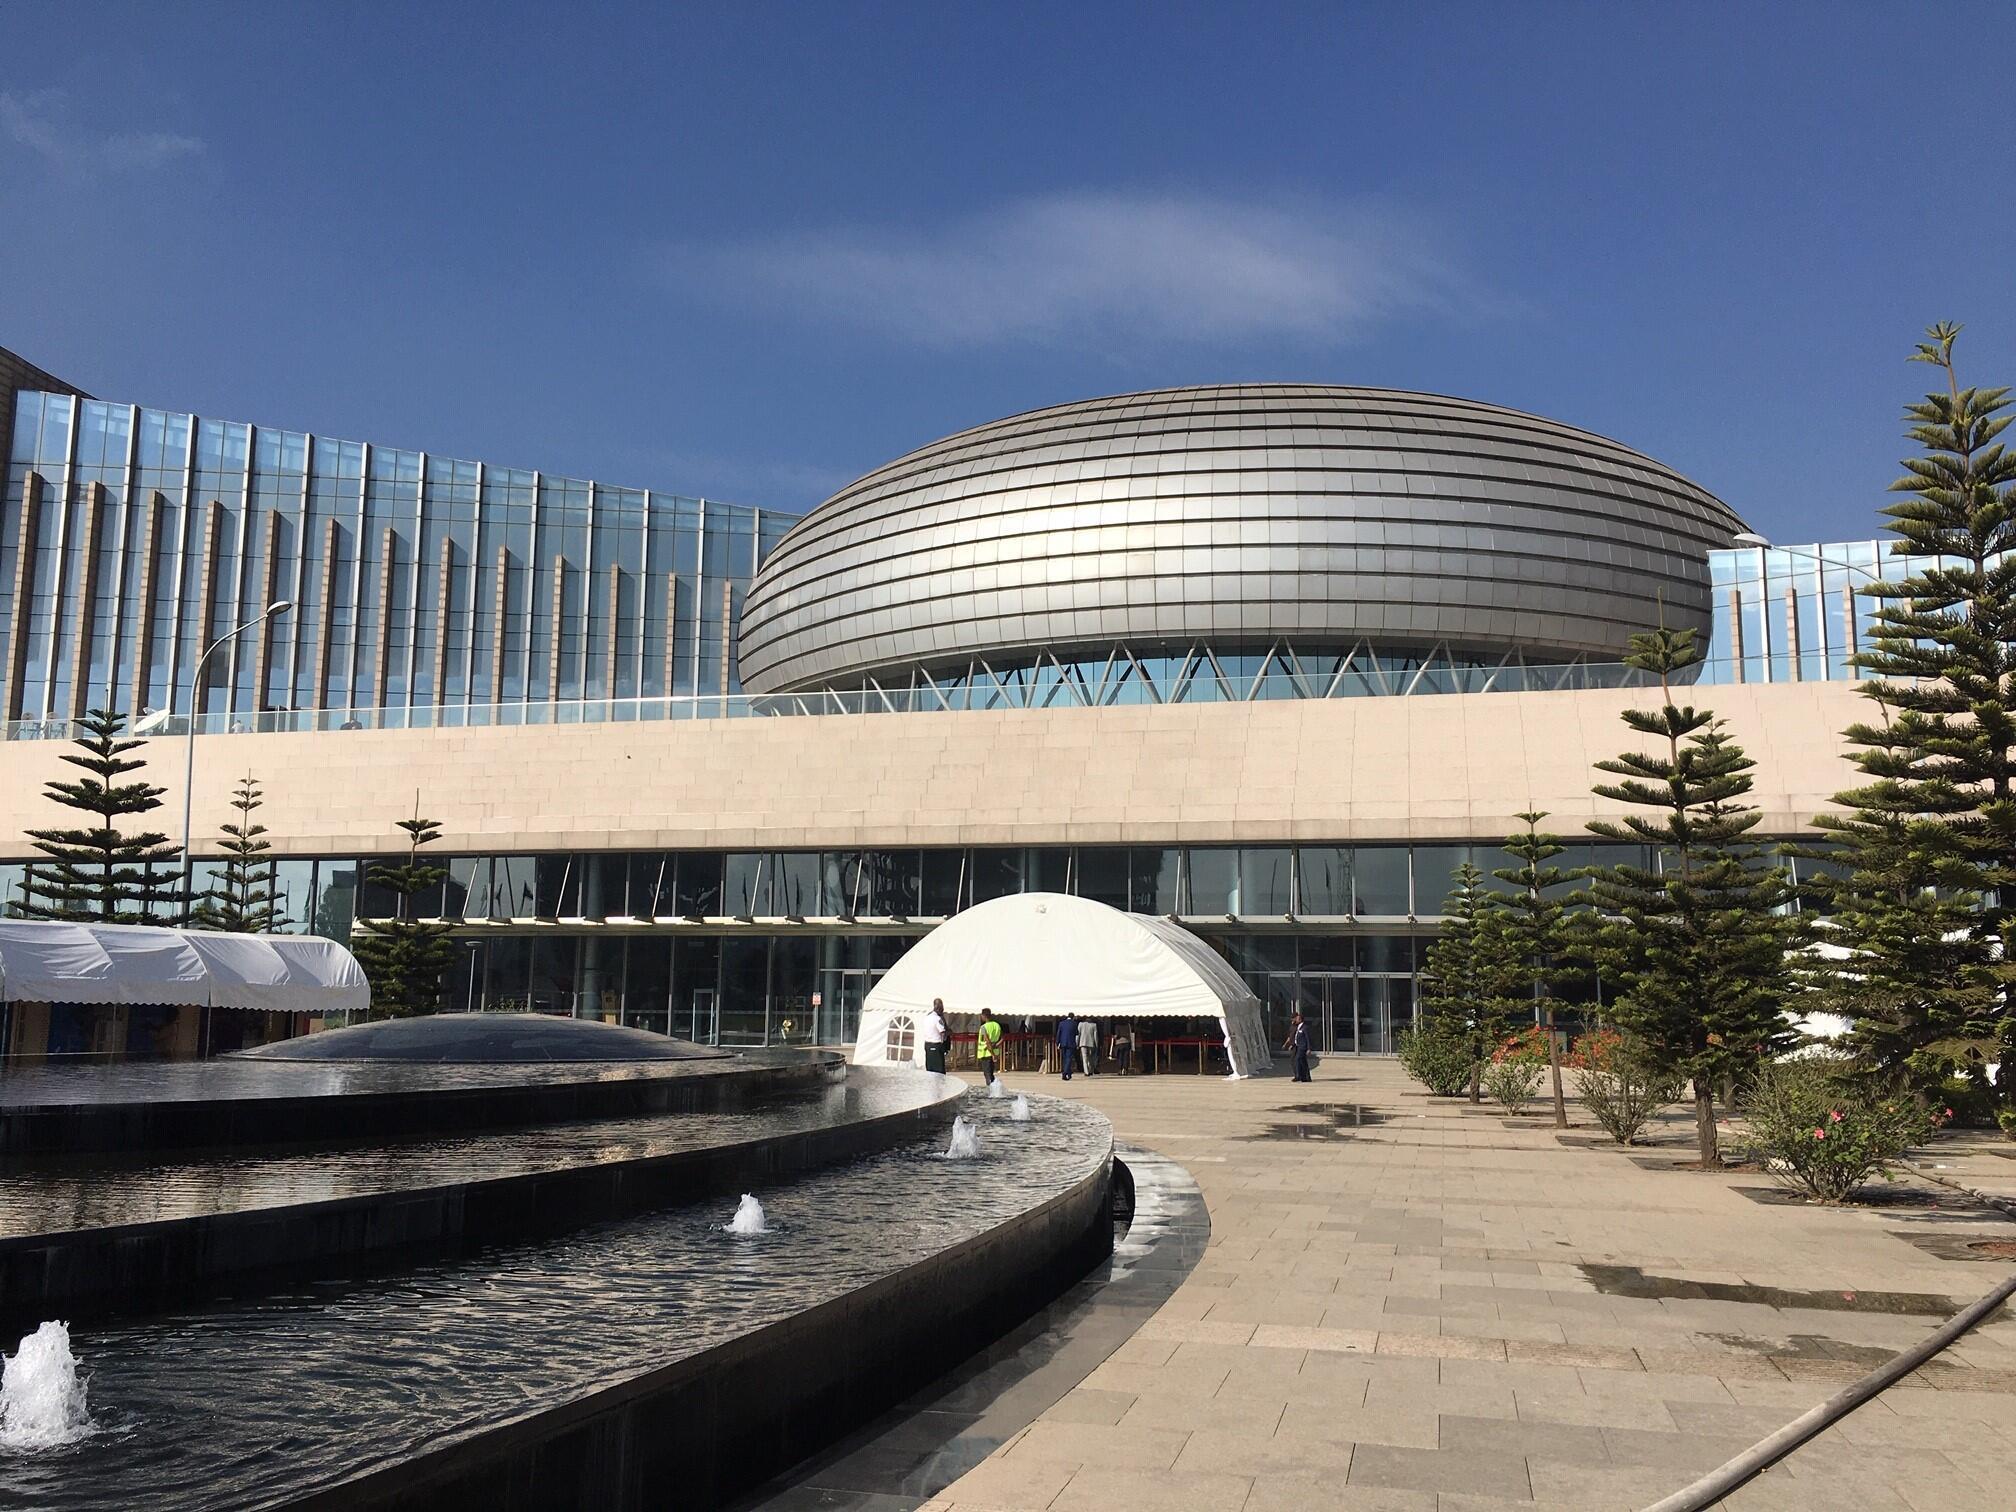 Sede da União Africana em Addis Abeba, capital da Etiópia.